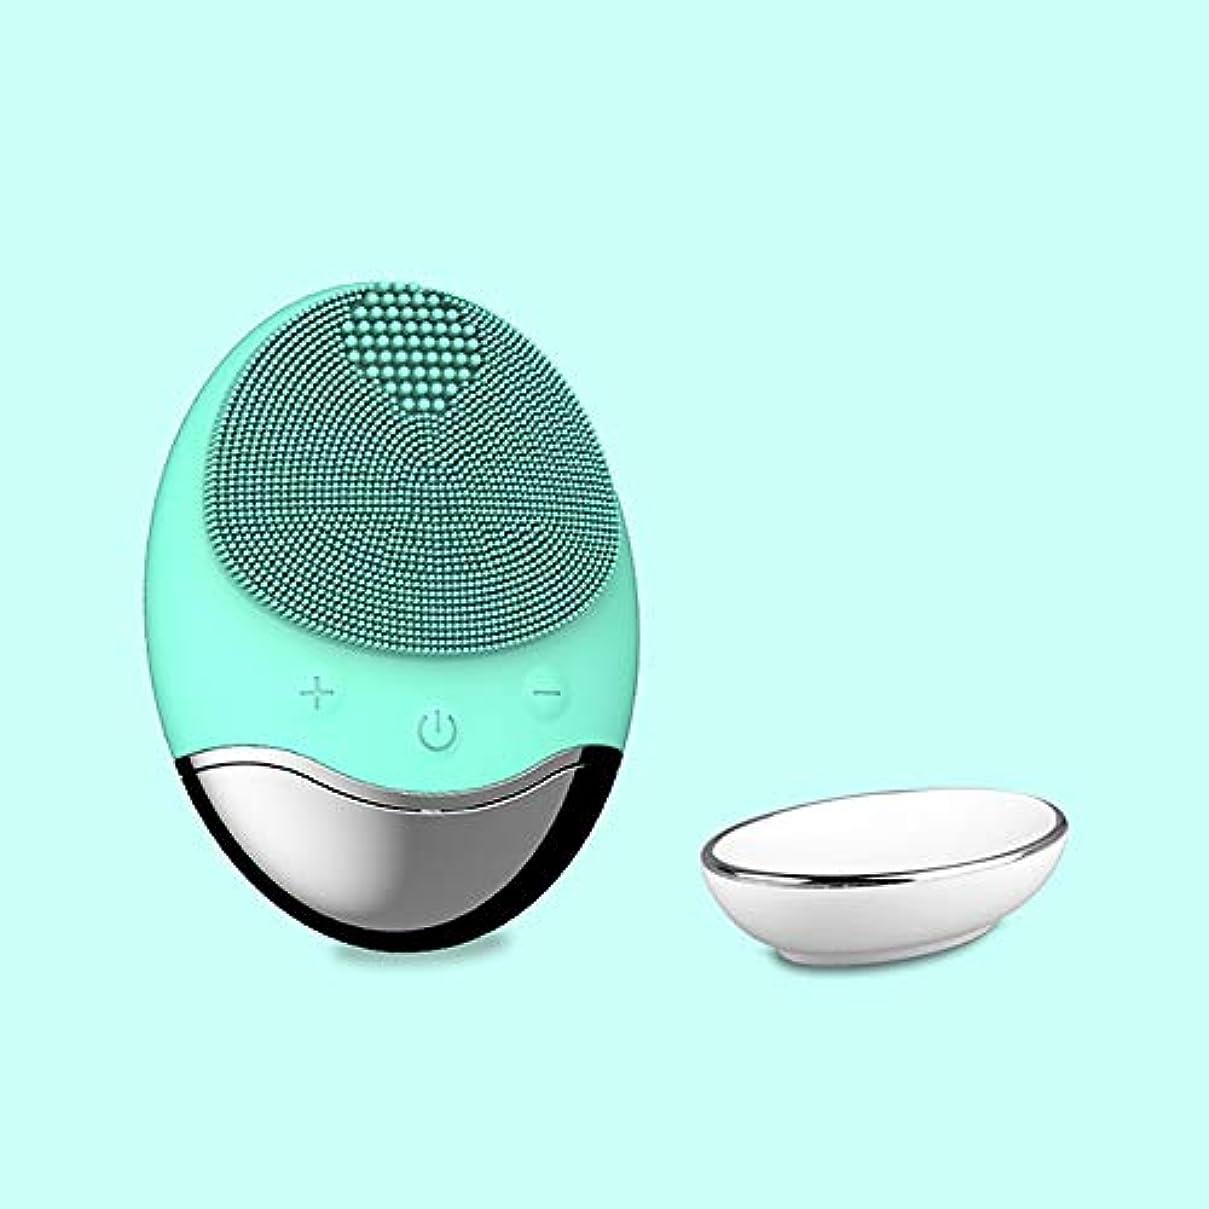 失礼浜辺体細胞ZXF 新しいアップグレードワイヤレス充電電気家庭用竹炭シリコーン防水超音波洗浄毛穴洗浄器具洗浄器具輸入器具 滑らかである (色 : Green)